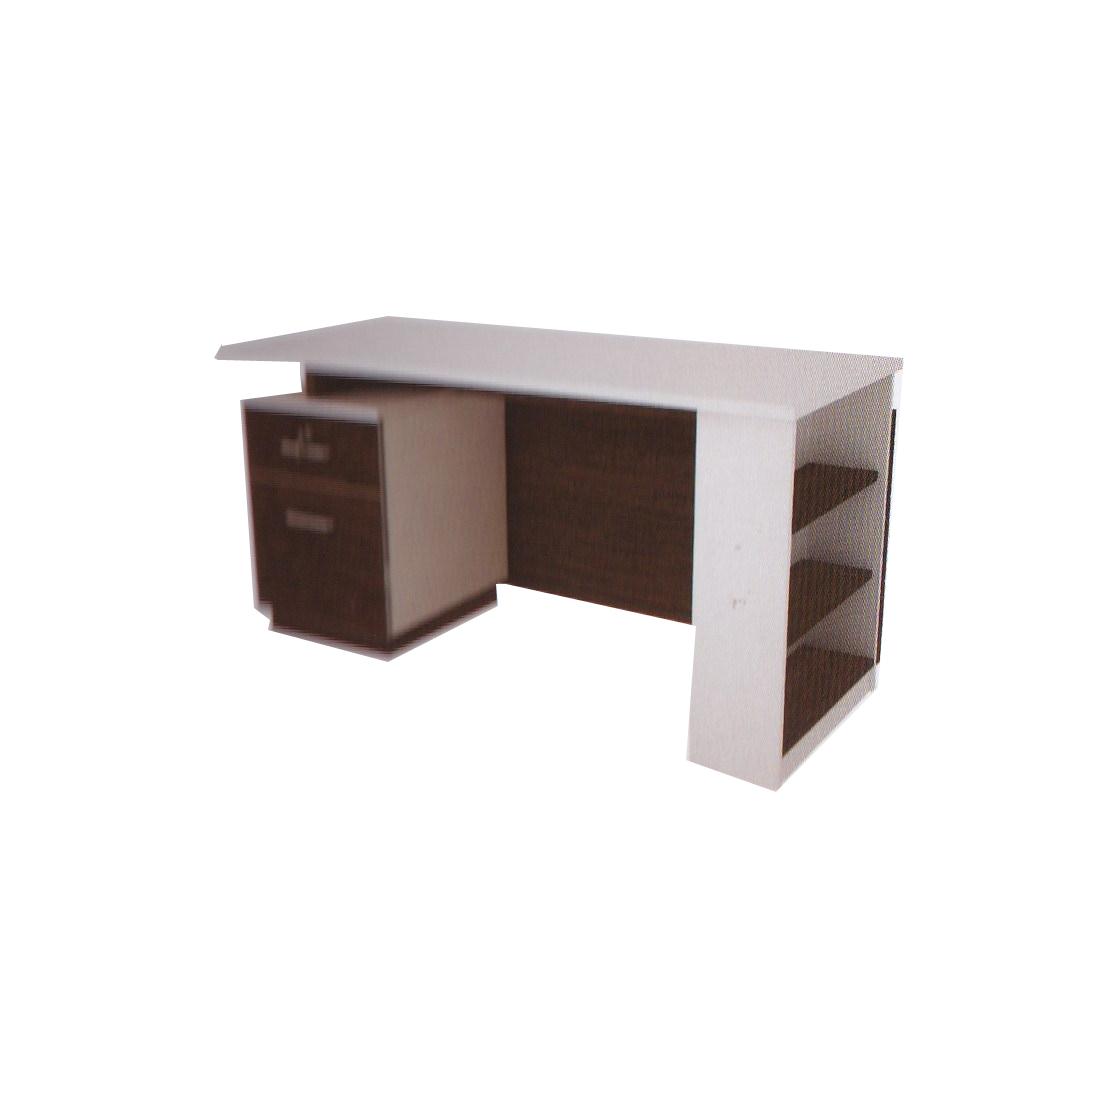 โต๊ะทำงาน 1.40 ม. 2 ลิ้นชัก+กล่องชั้นวาง TDK-P1421